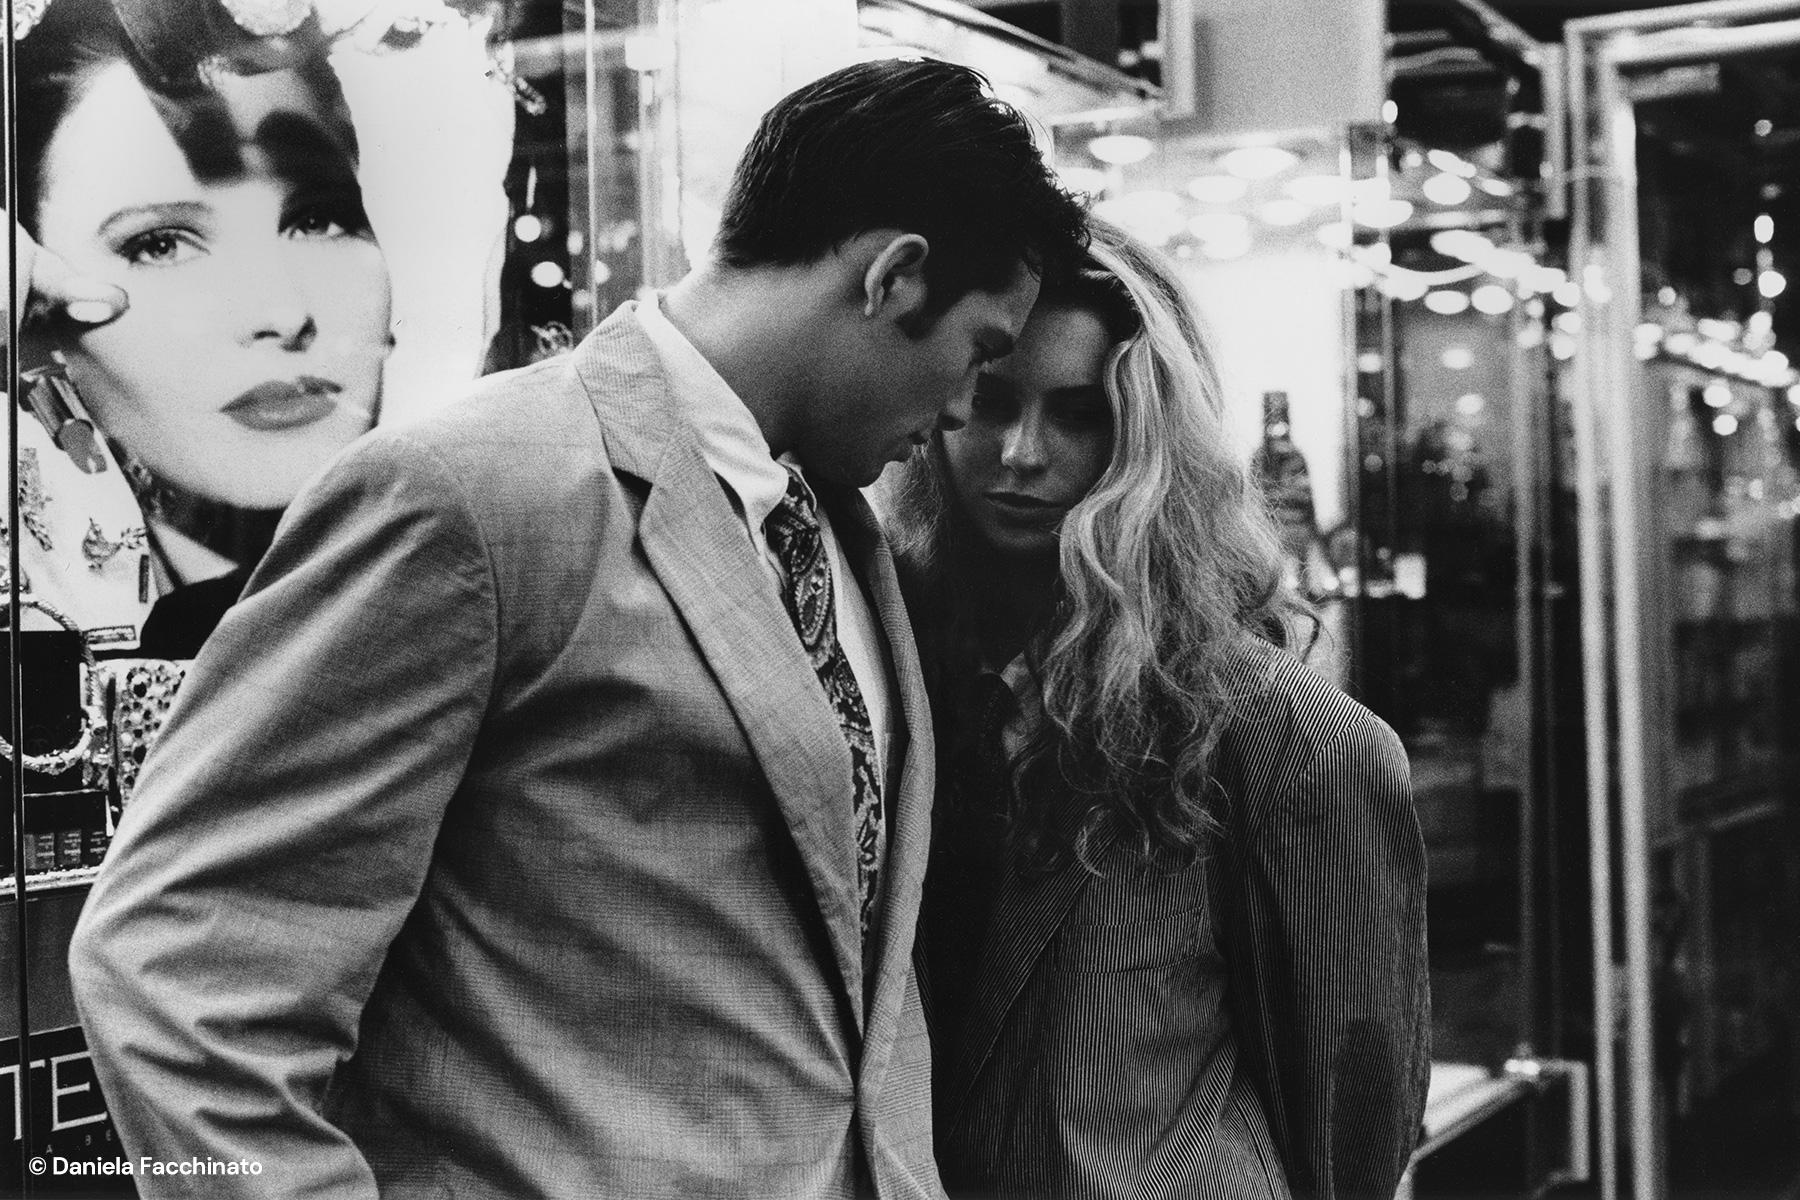 Rome 1989. Acrtess Ivonne Sciò with a model in Via Condotti. Adv. campaign for Massimo Osti